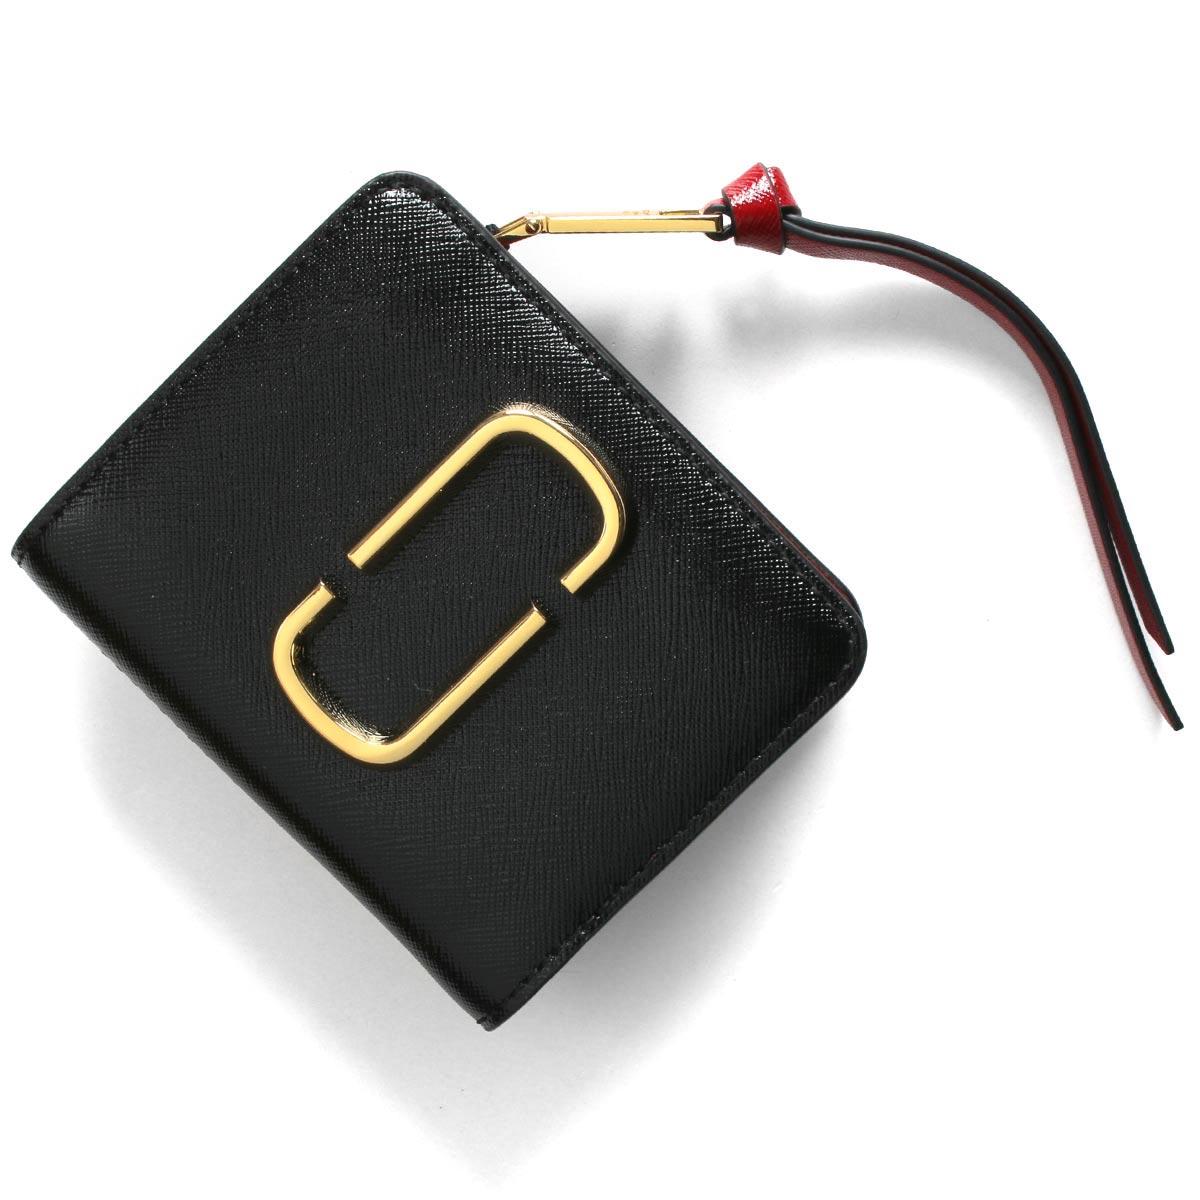 マークジェイコブス 二つ折り財布/ミニ財布 財布 レディース スナップショット ブラック&キャンティレッドマルチ M0013360 014 2020年春夏新作 MARC JACOBS